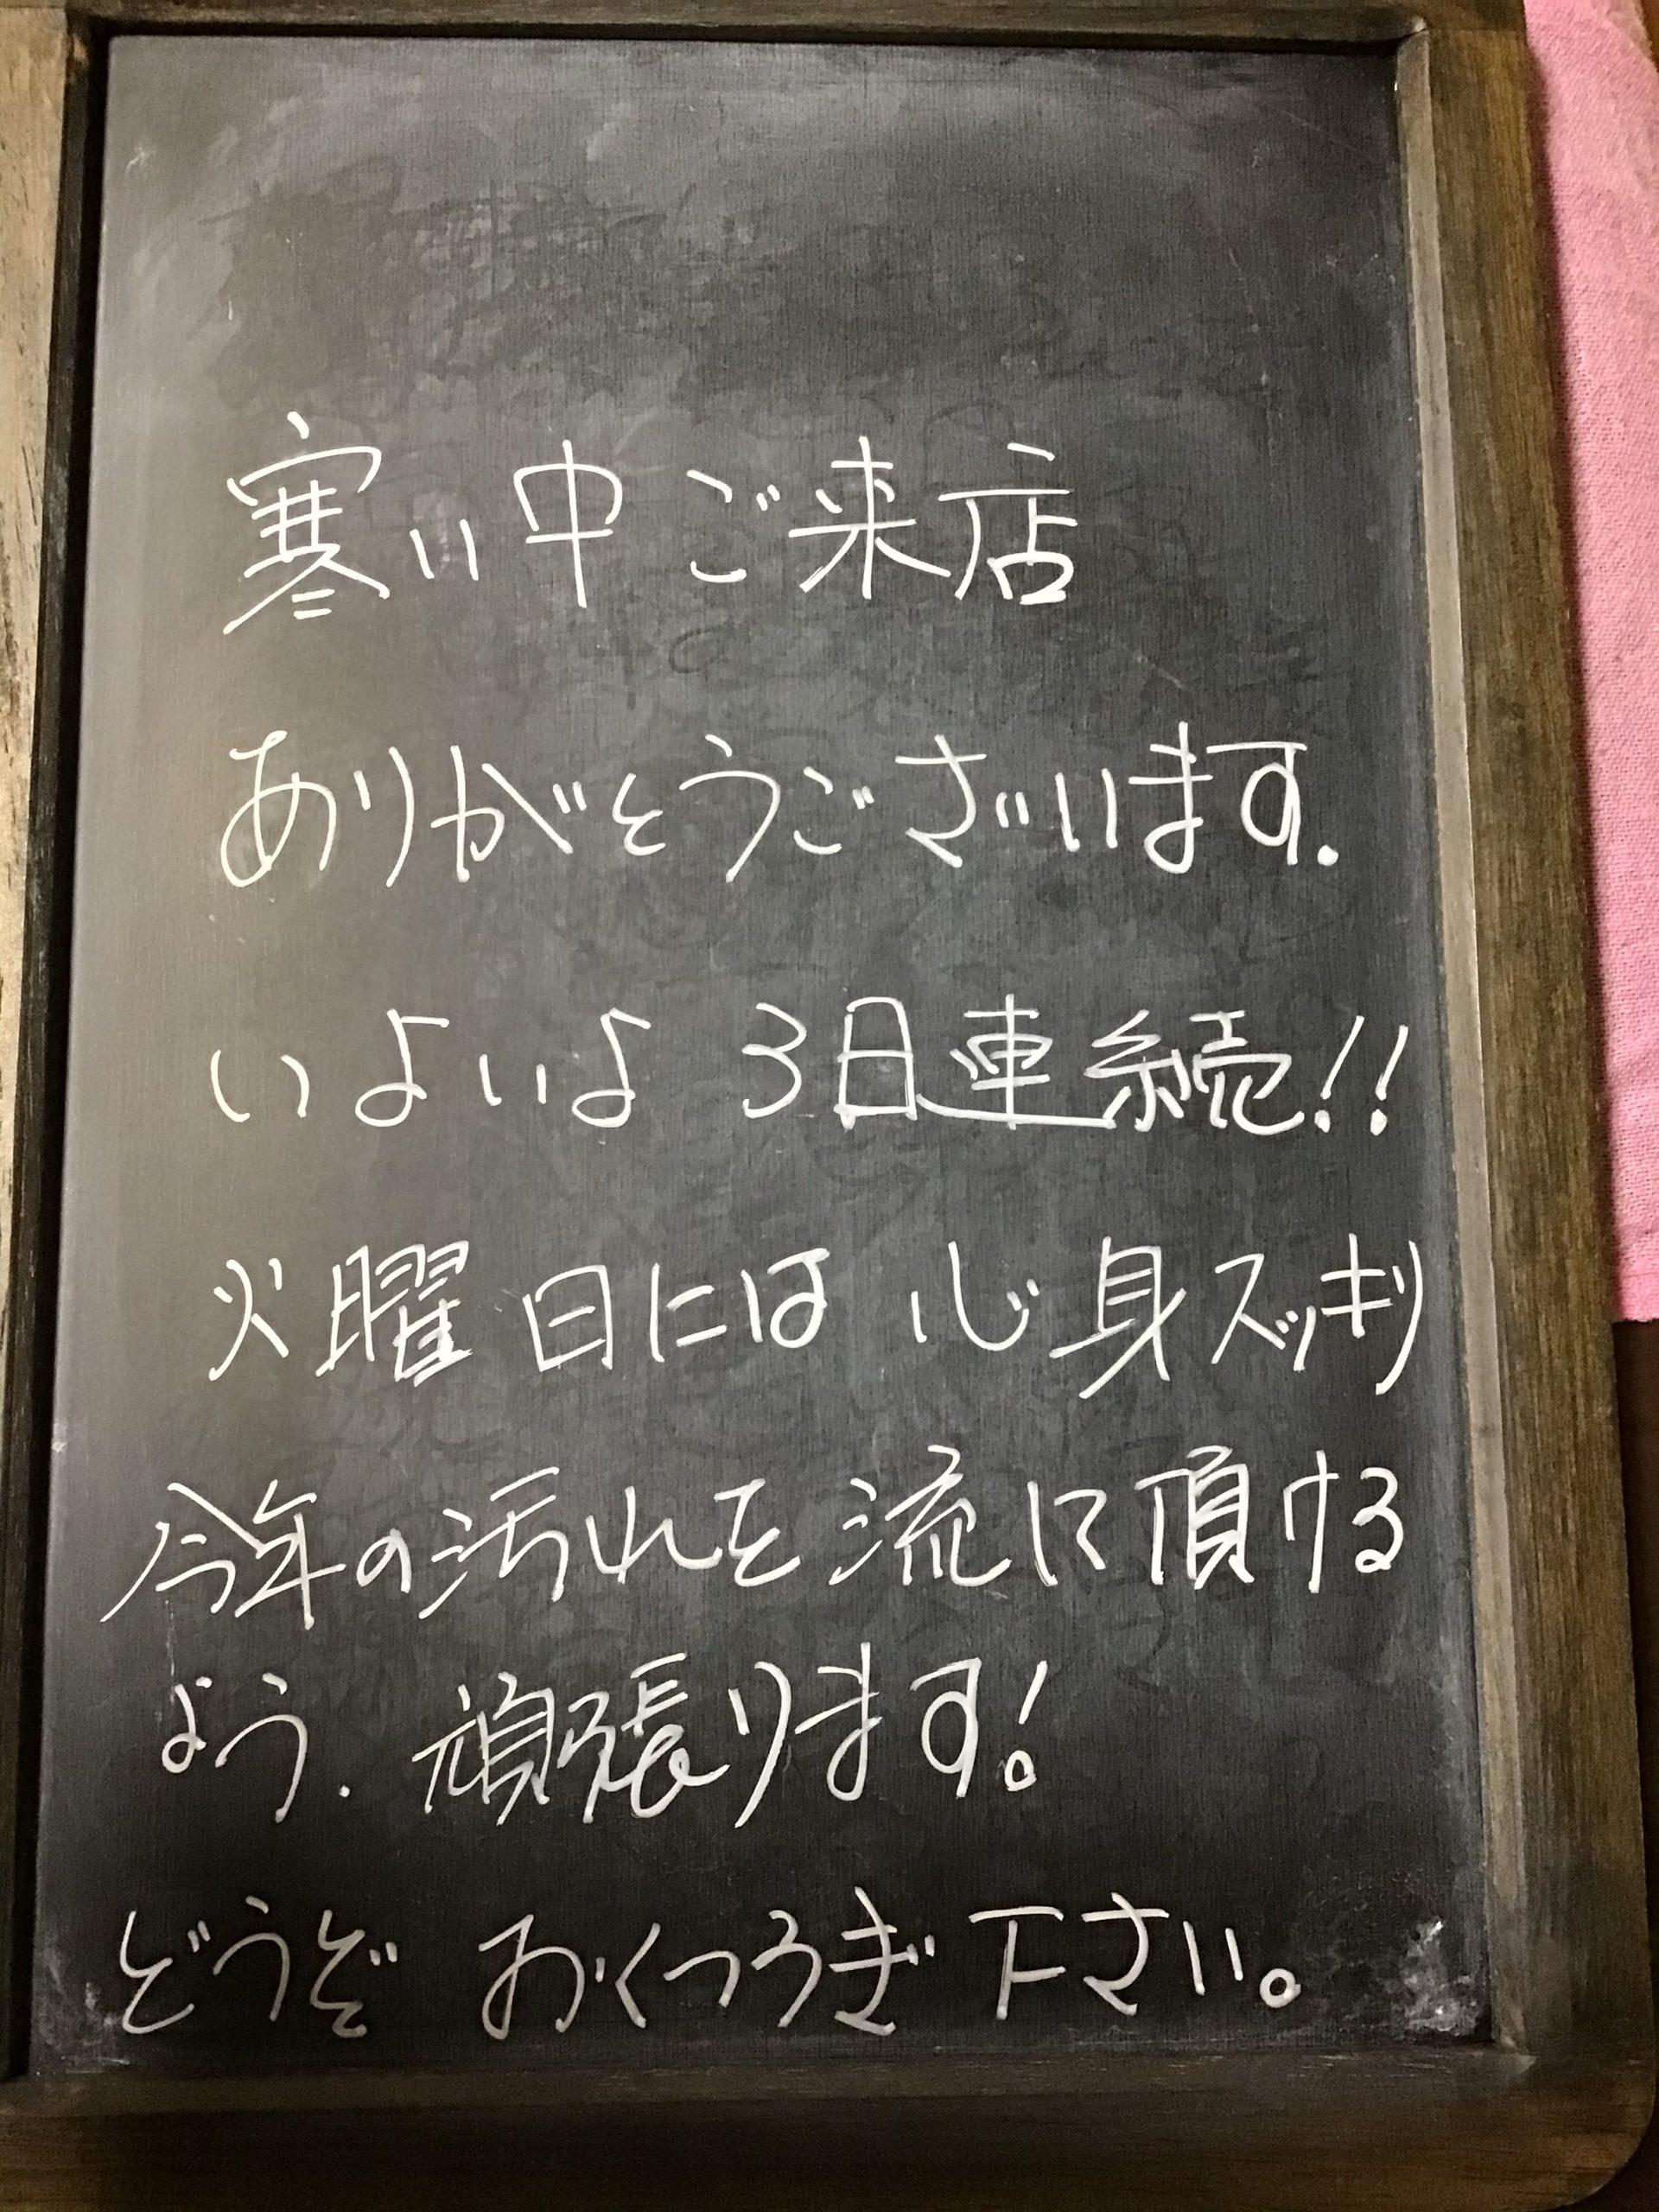 埼玉*浦和アーユルヴェーダサロンあーしゃんてぃ  完全個室対応